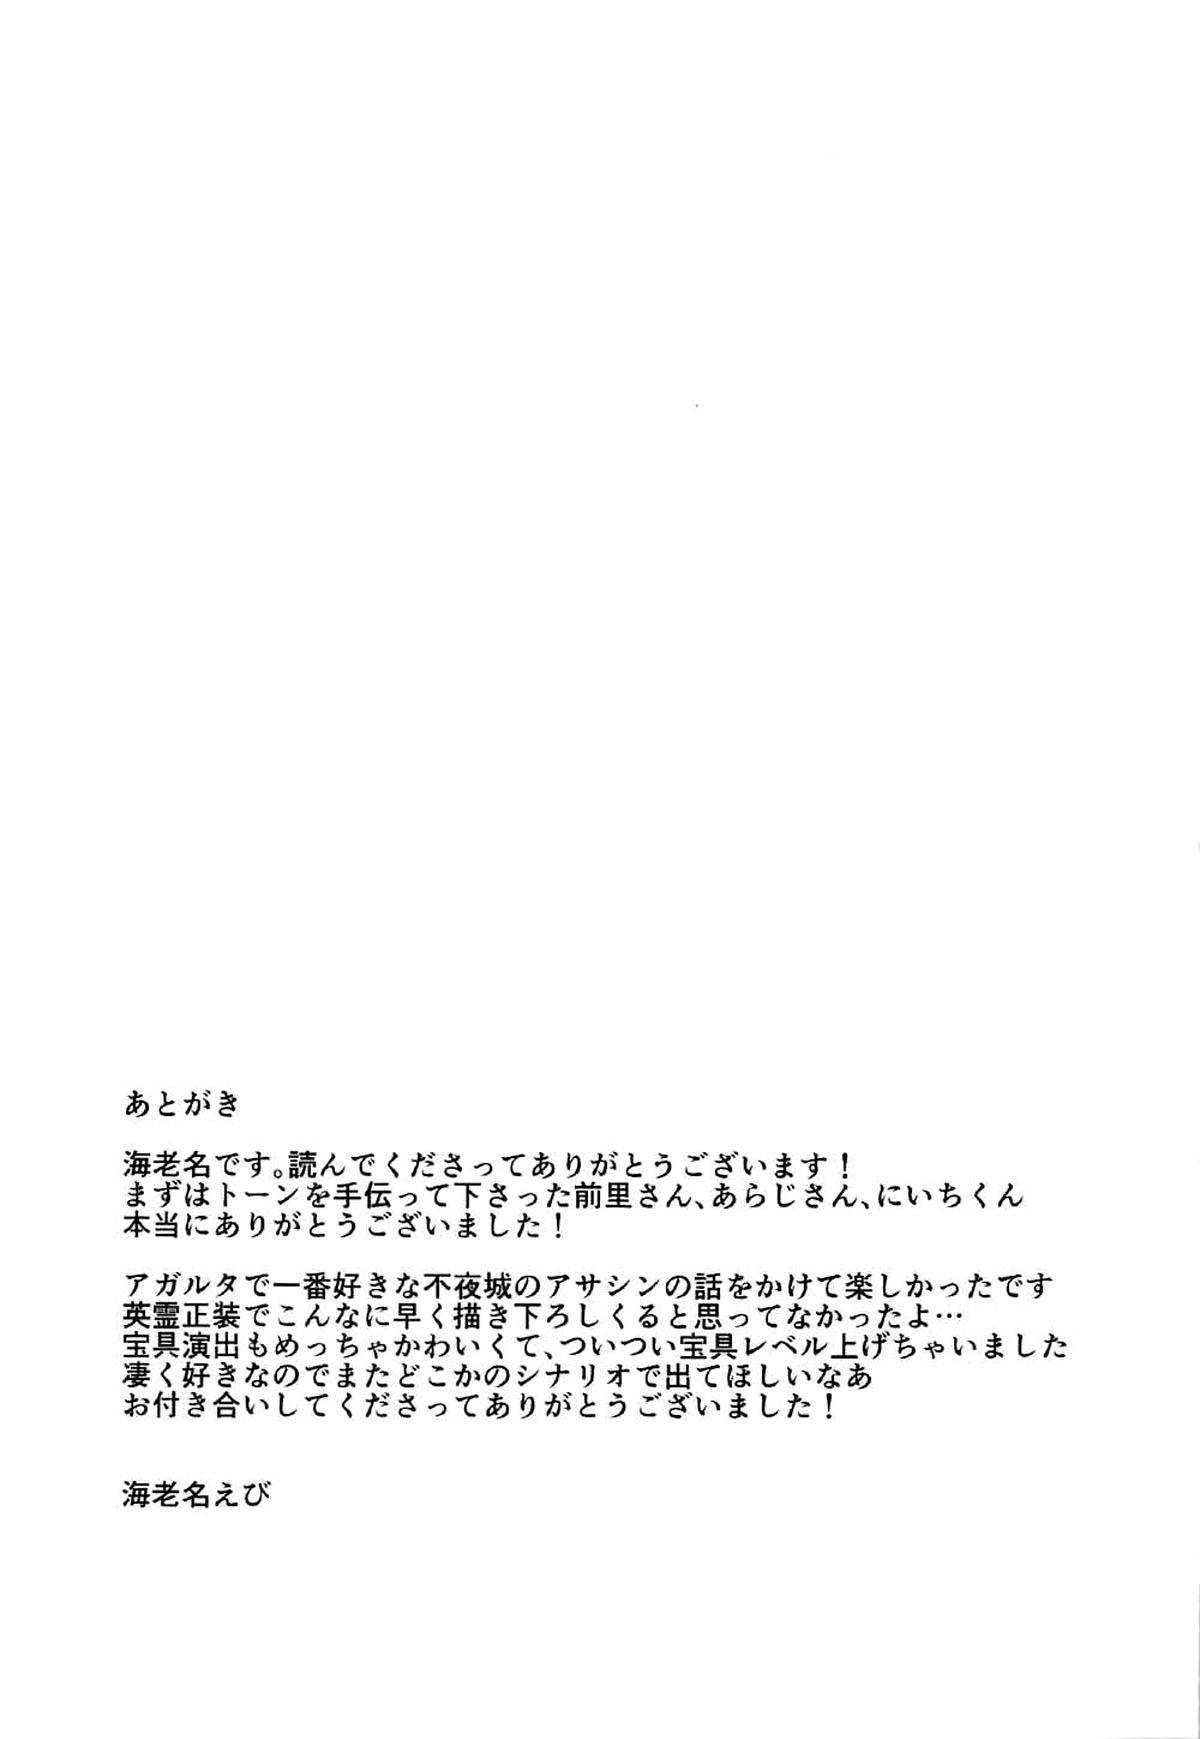 Agartha de Maketa node Seidorei ni Naru 16